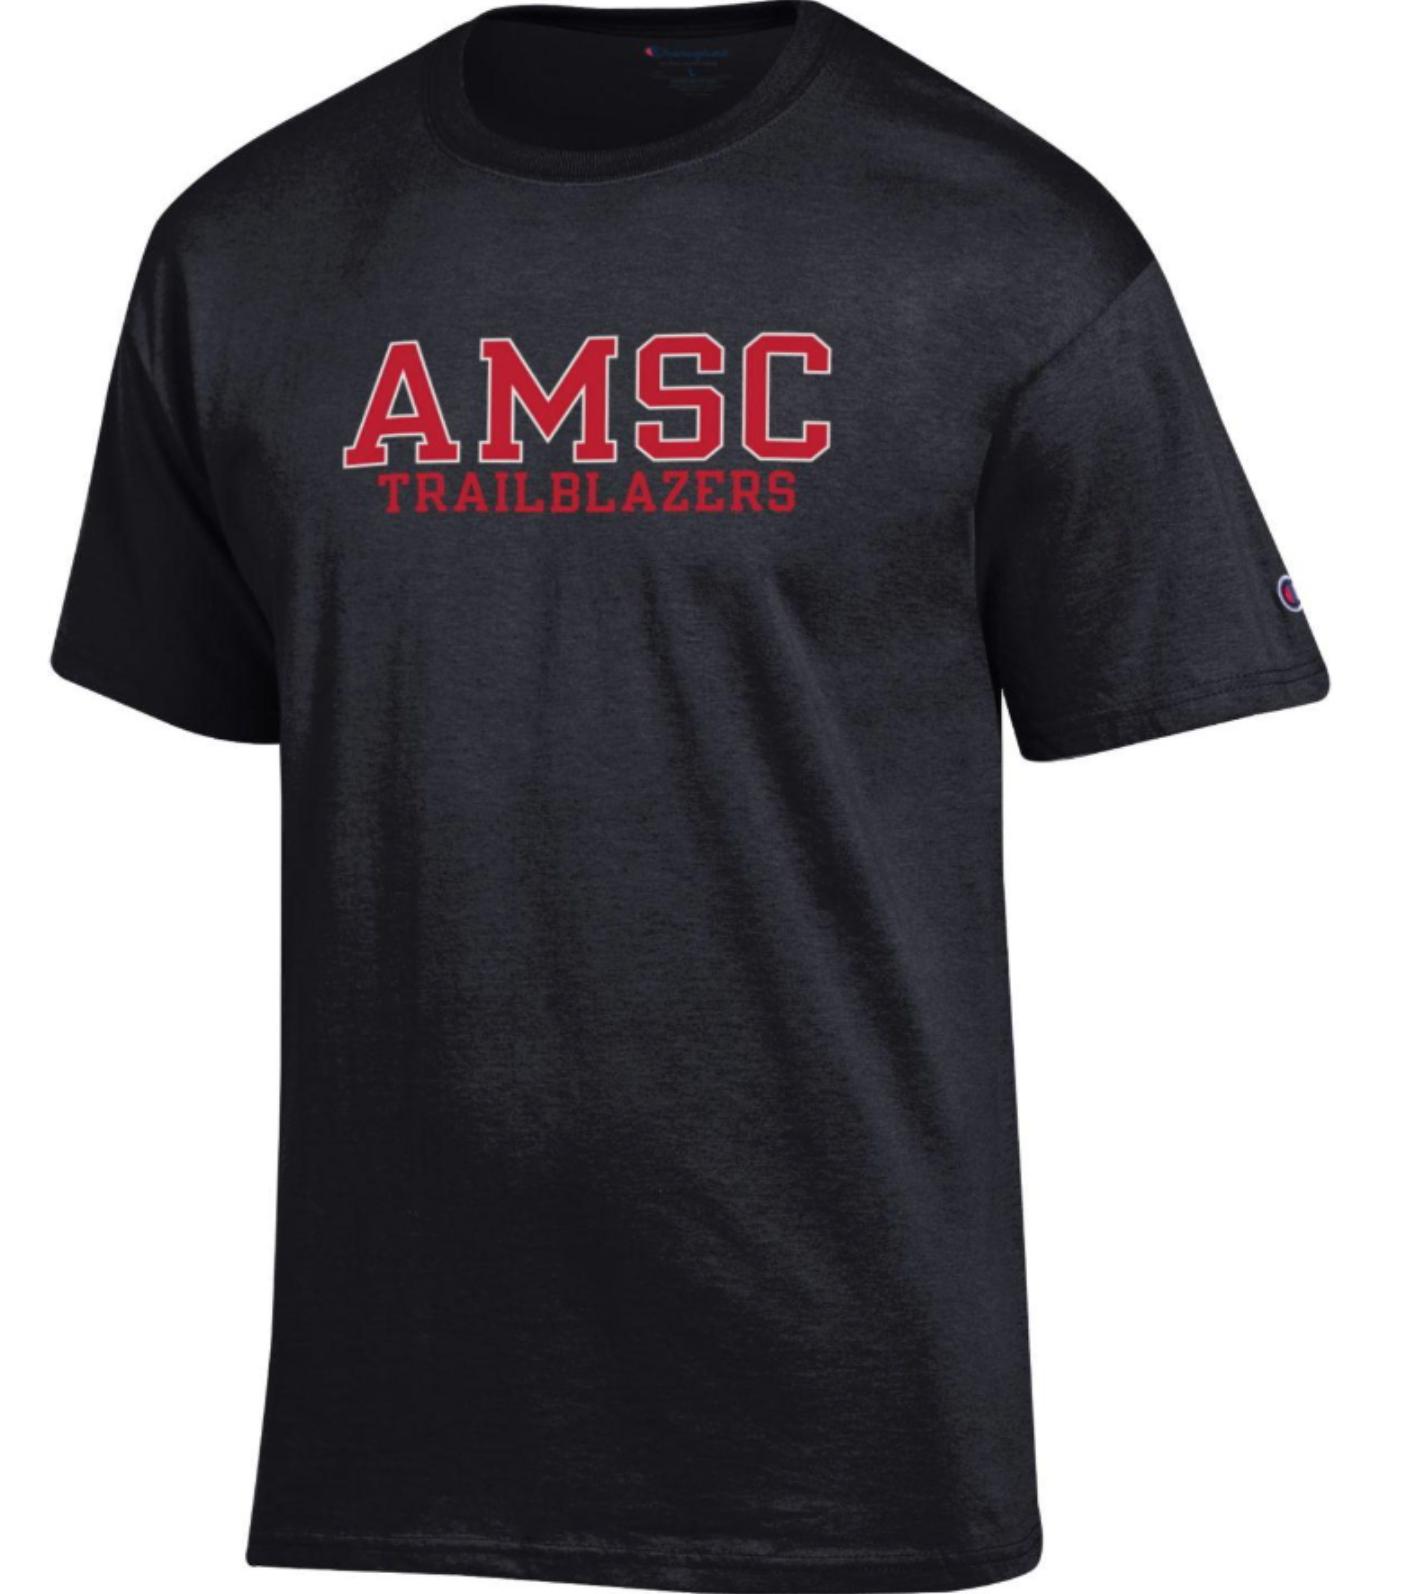 AMSC Trailblazers T-Shirt